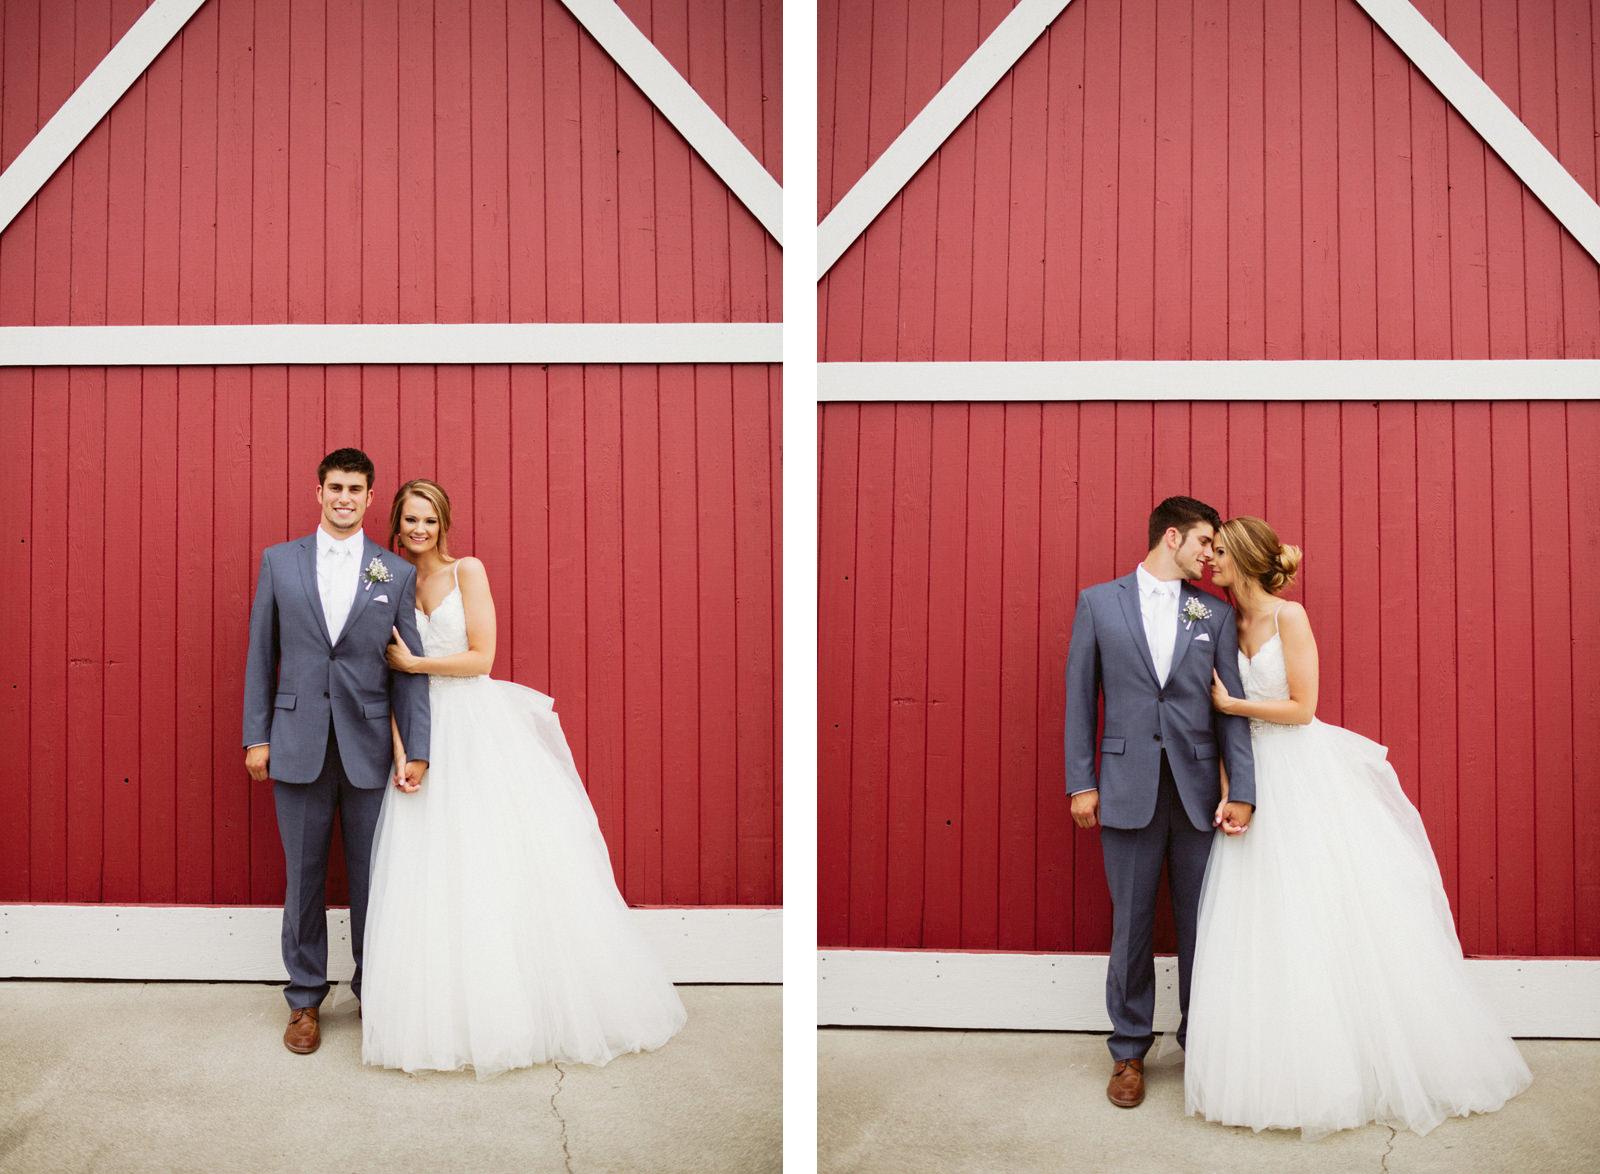 jacobregan-blog-42 SCHILLER FAMILY FARM WEDDING